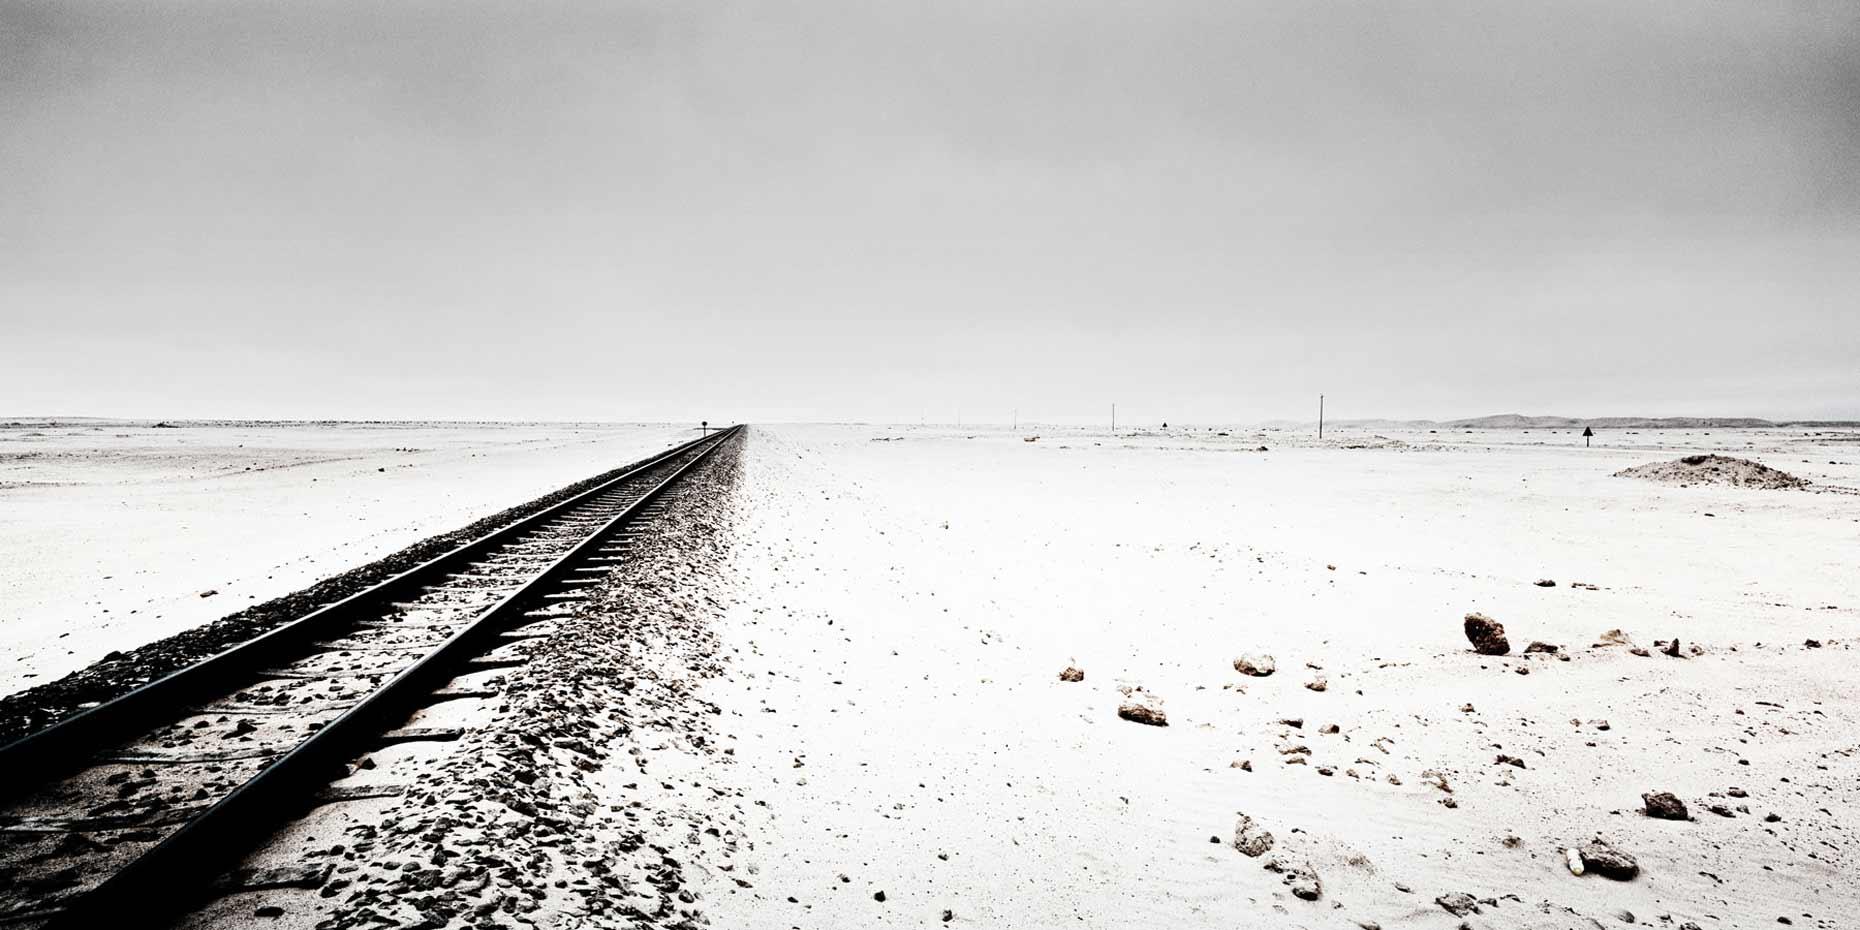 fotografie-rotterdam-fotograaf-pim-vuik-namibia27-L.jpg